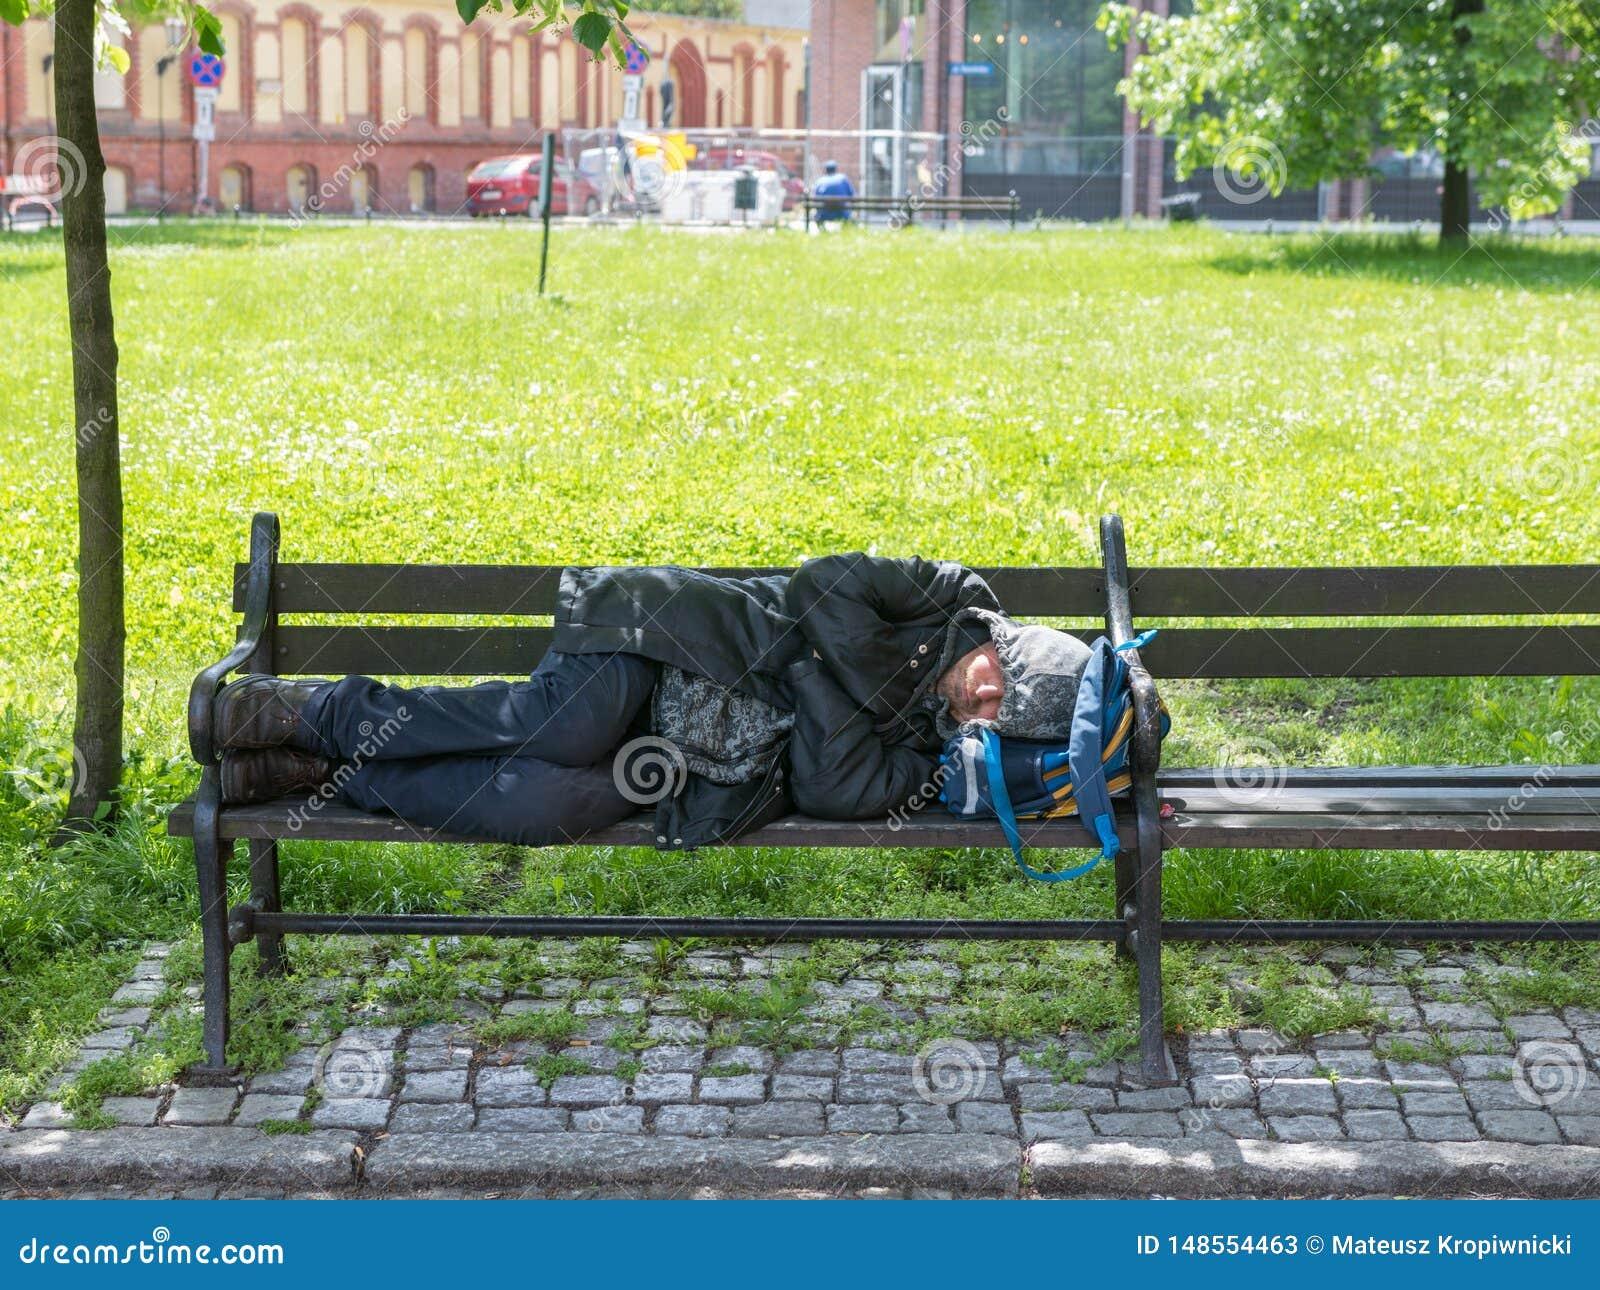 WrocÅ-'Aw, Polen - 24. Mai 2019: Obdachloser Mann schläft auf einer Bank nahe eben errichtet